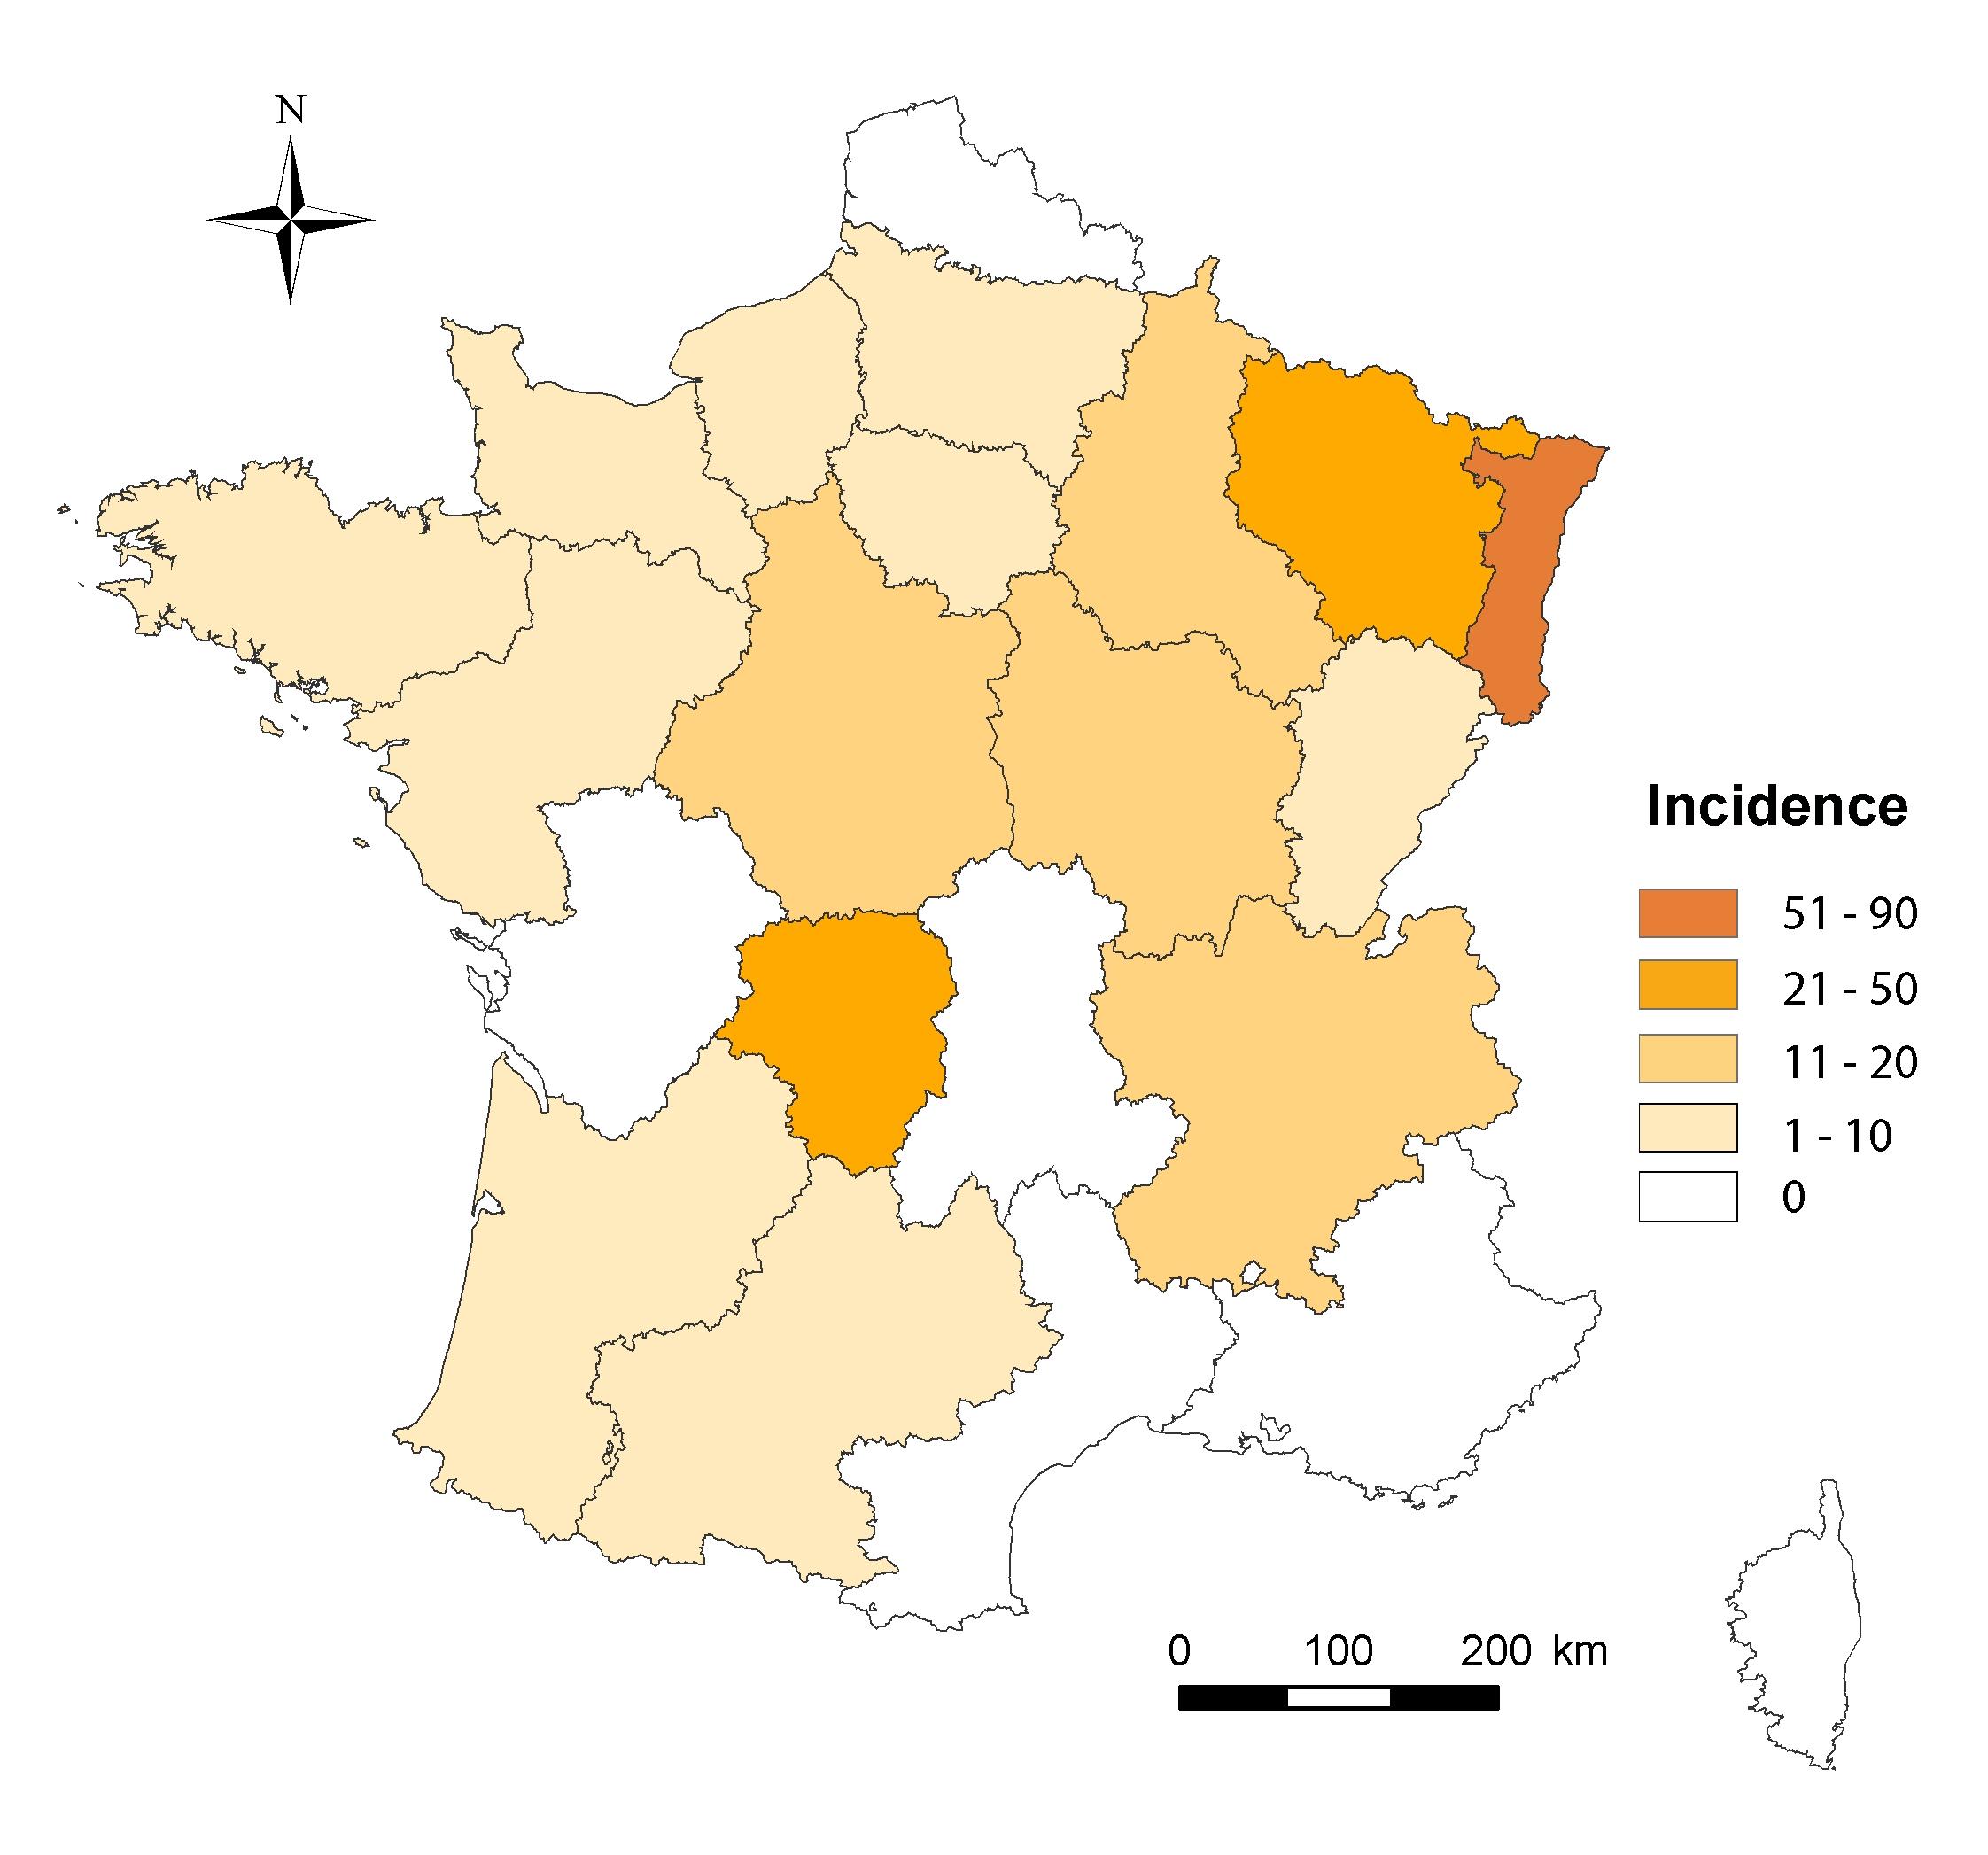 La borréliose de Lyme : un risque sanitaire émergent dans les forêts franciliennes